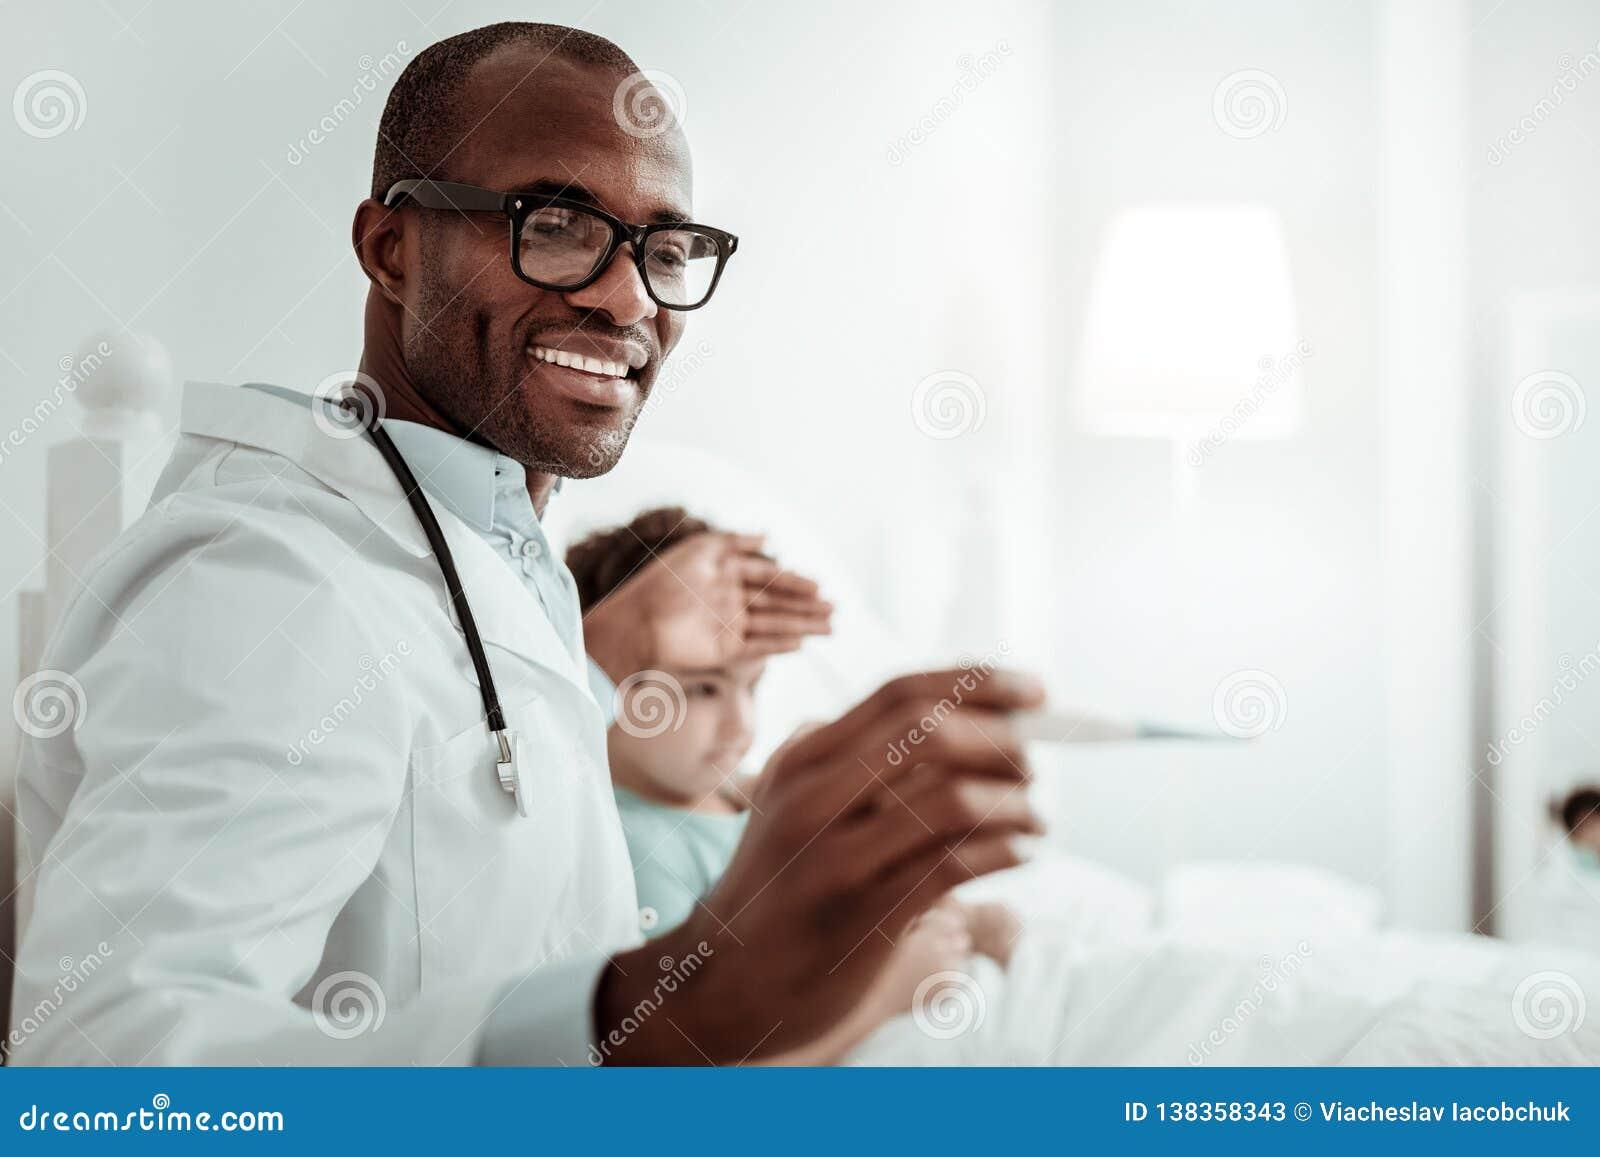 Θετικός ευχαριστημένος γιατρός που θεραπεύει τους μικρούς ασθενείς με την ευχαρίστηση